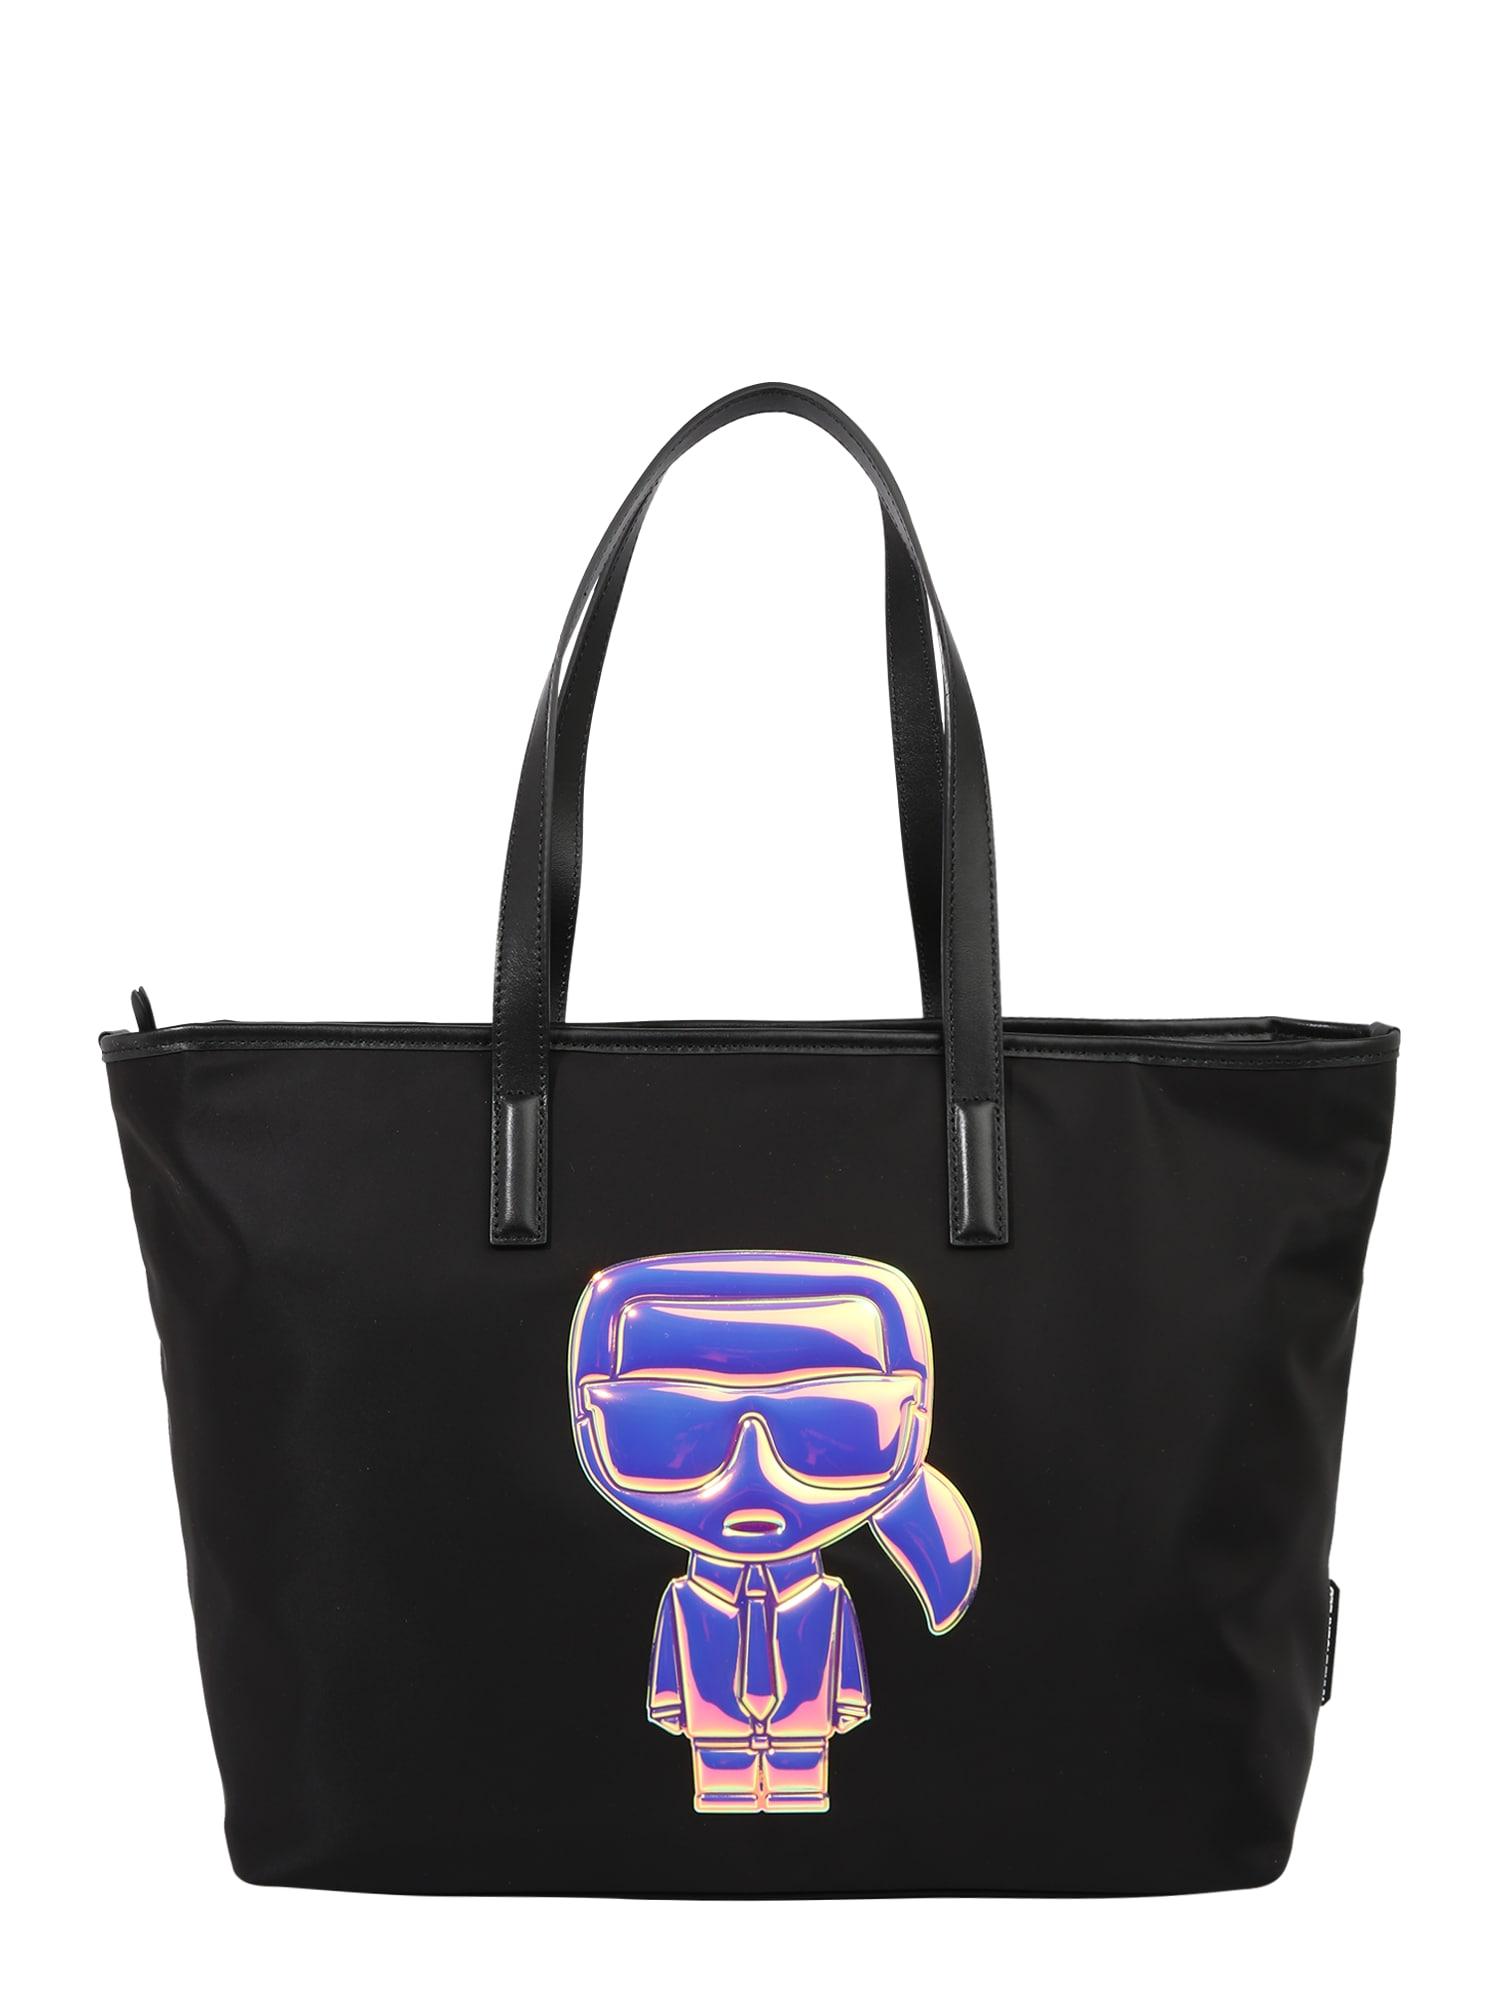 Karl Lagerfeld Pirkinių krepšys juoda